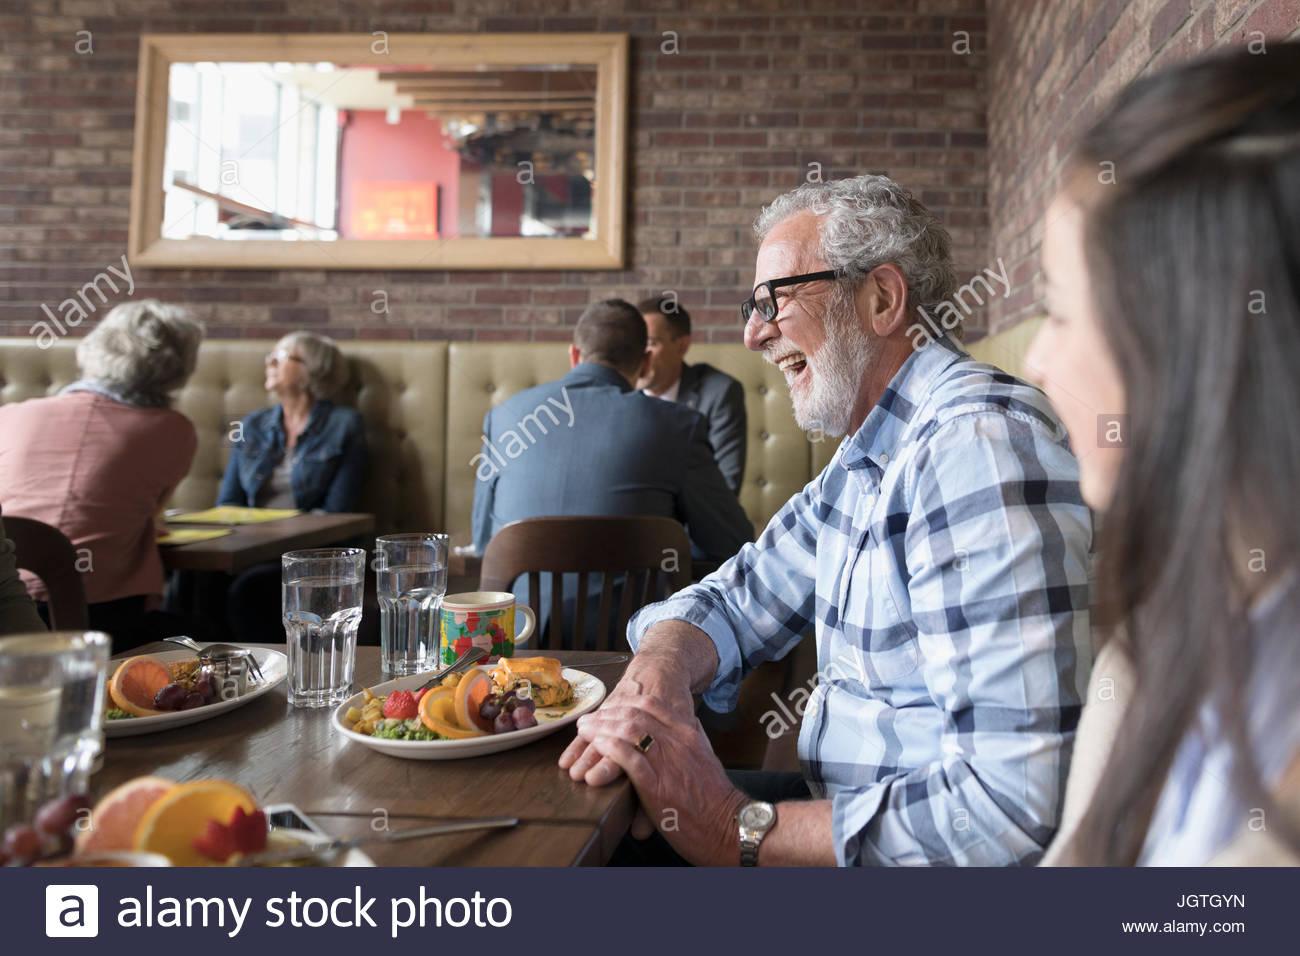 Hombre Senior riendo y comiendo brunch en diner tabla Imagen De Stock